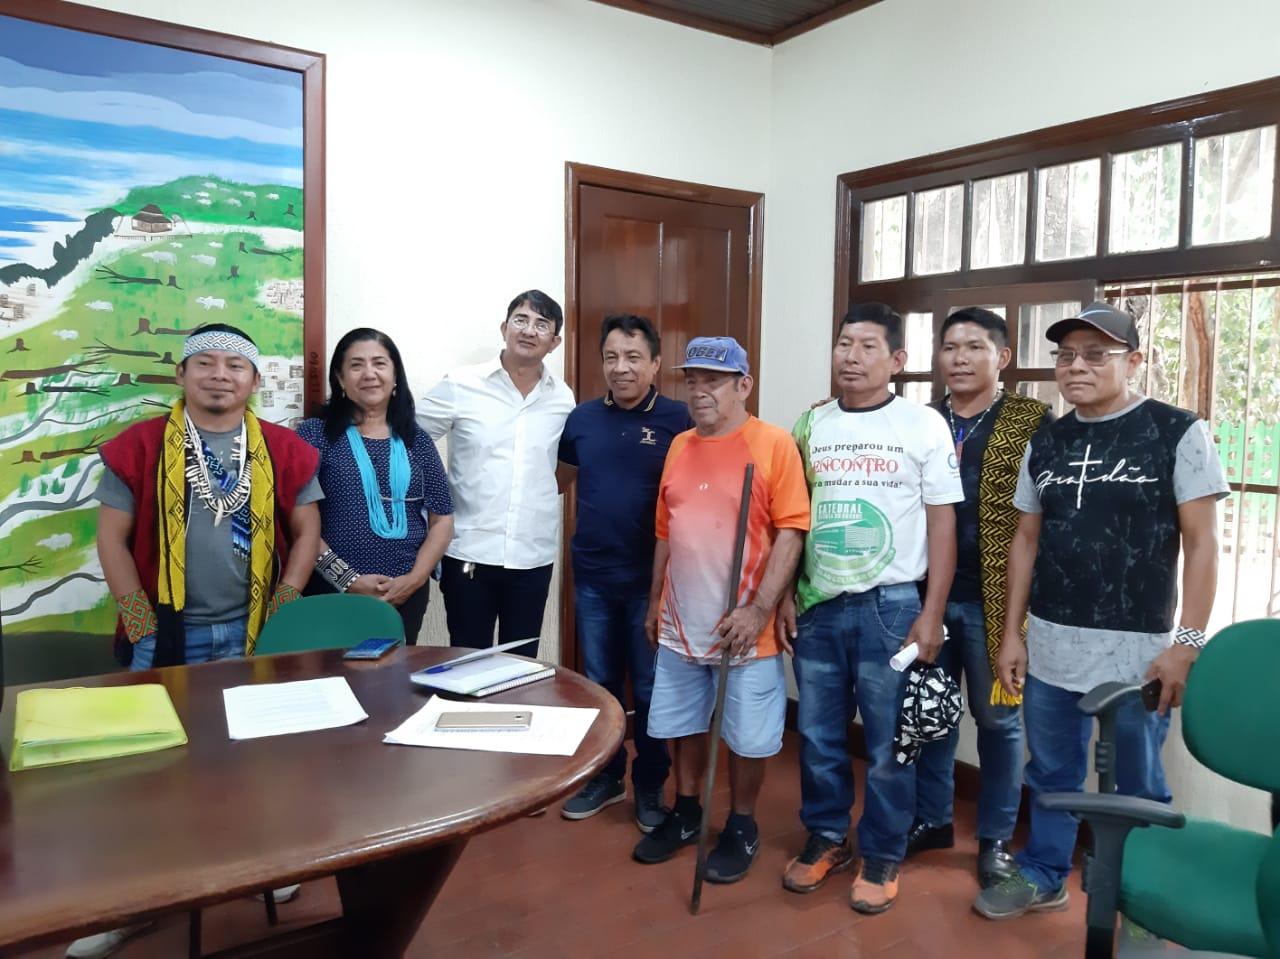 Estado se reúne com liderança Kaxinawá para discutir políticas públicas